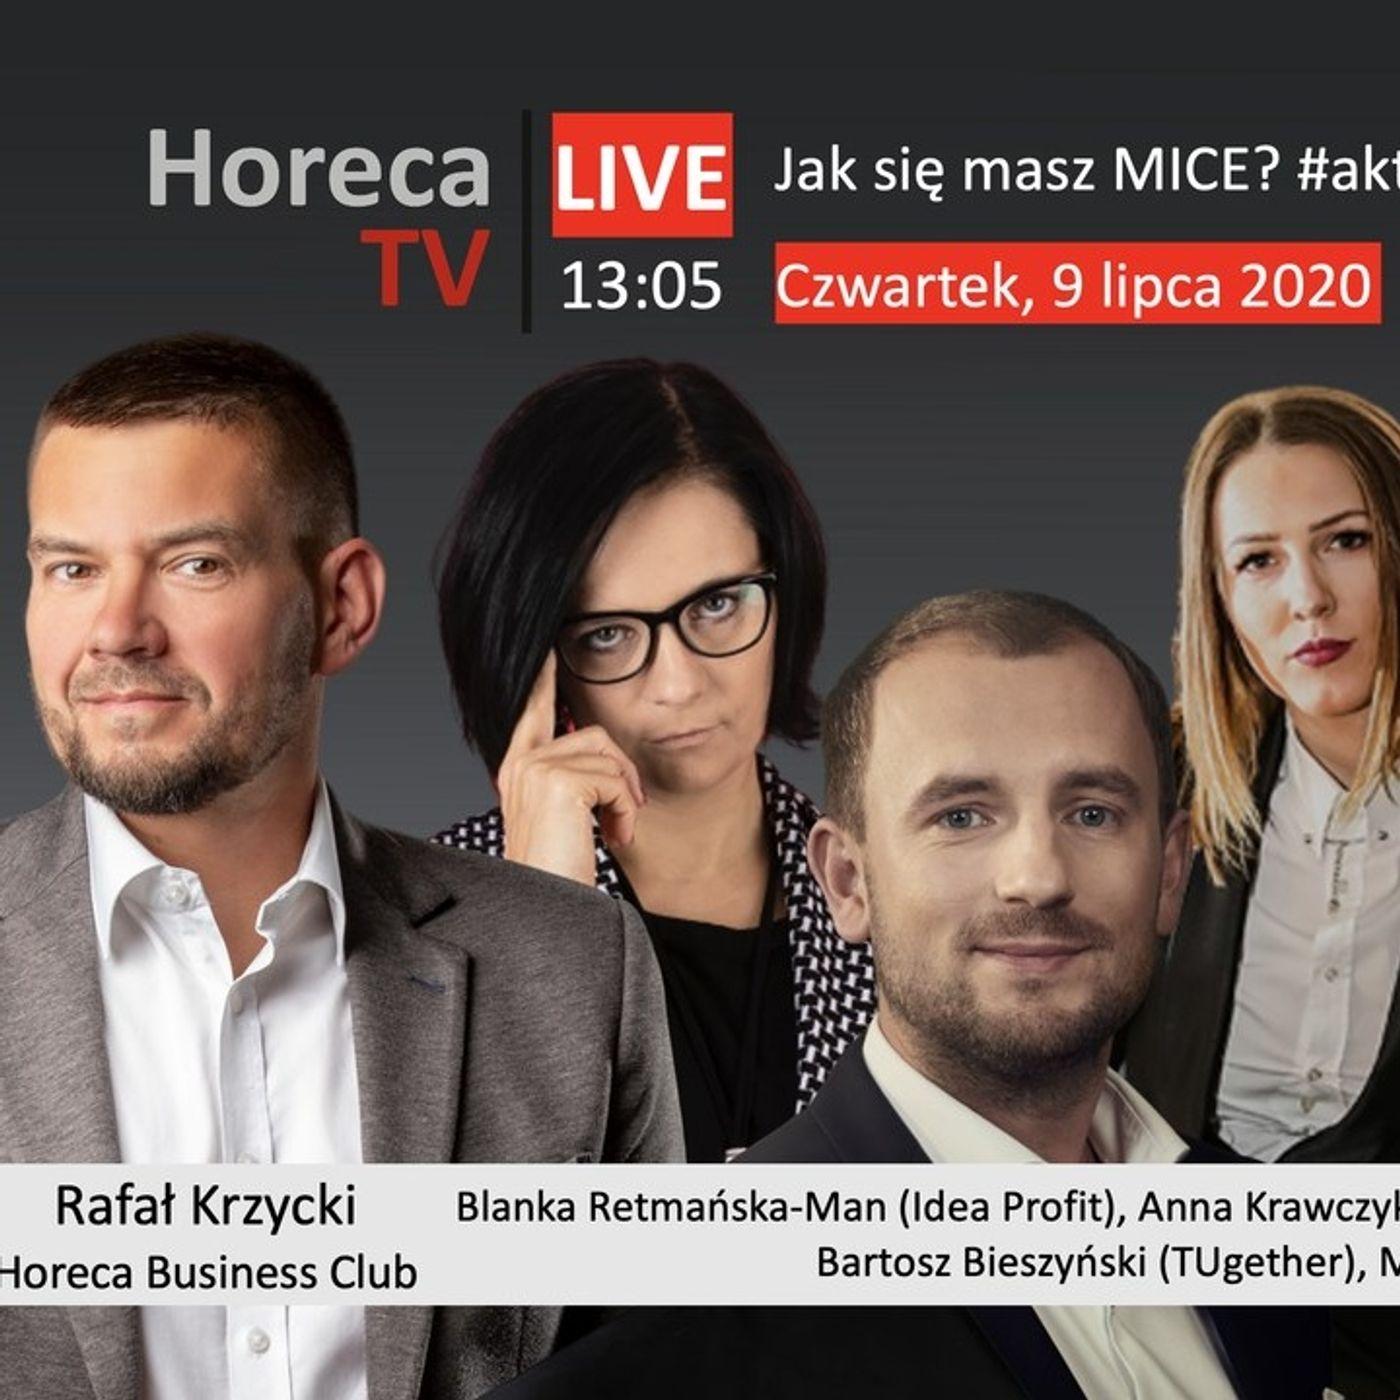 Goście Horeca Radio odc. 74 - Jak się masz MICE